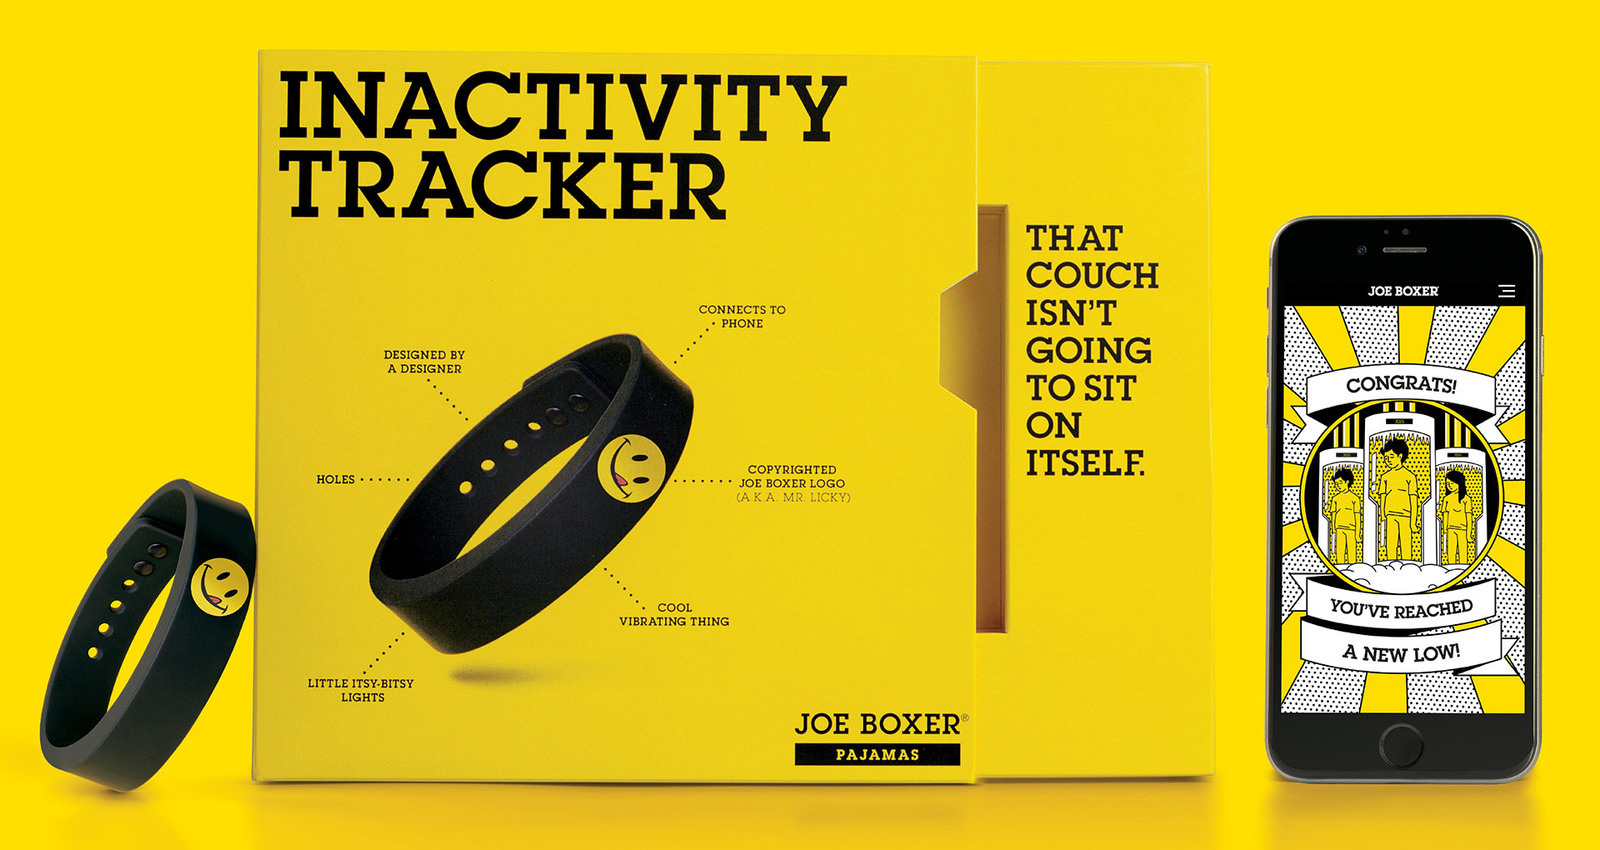 Inactivity Tracker